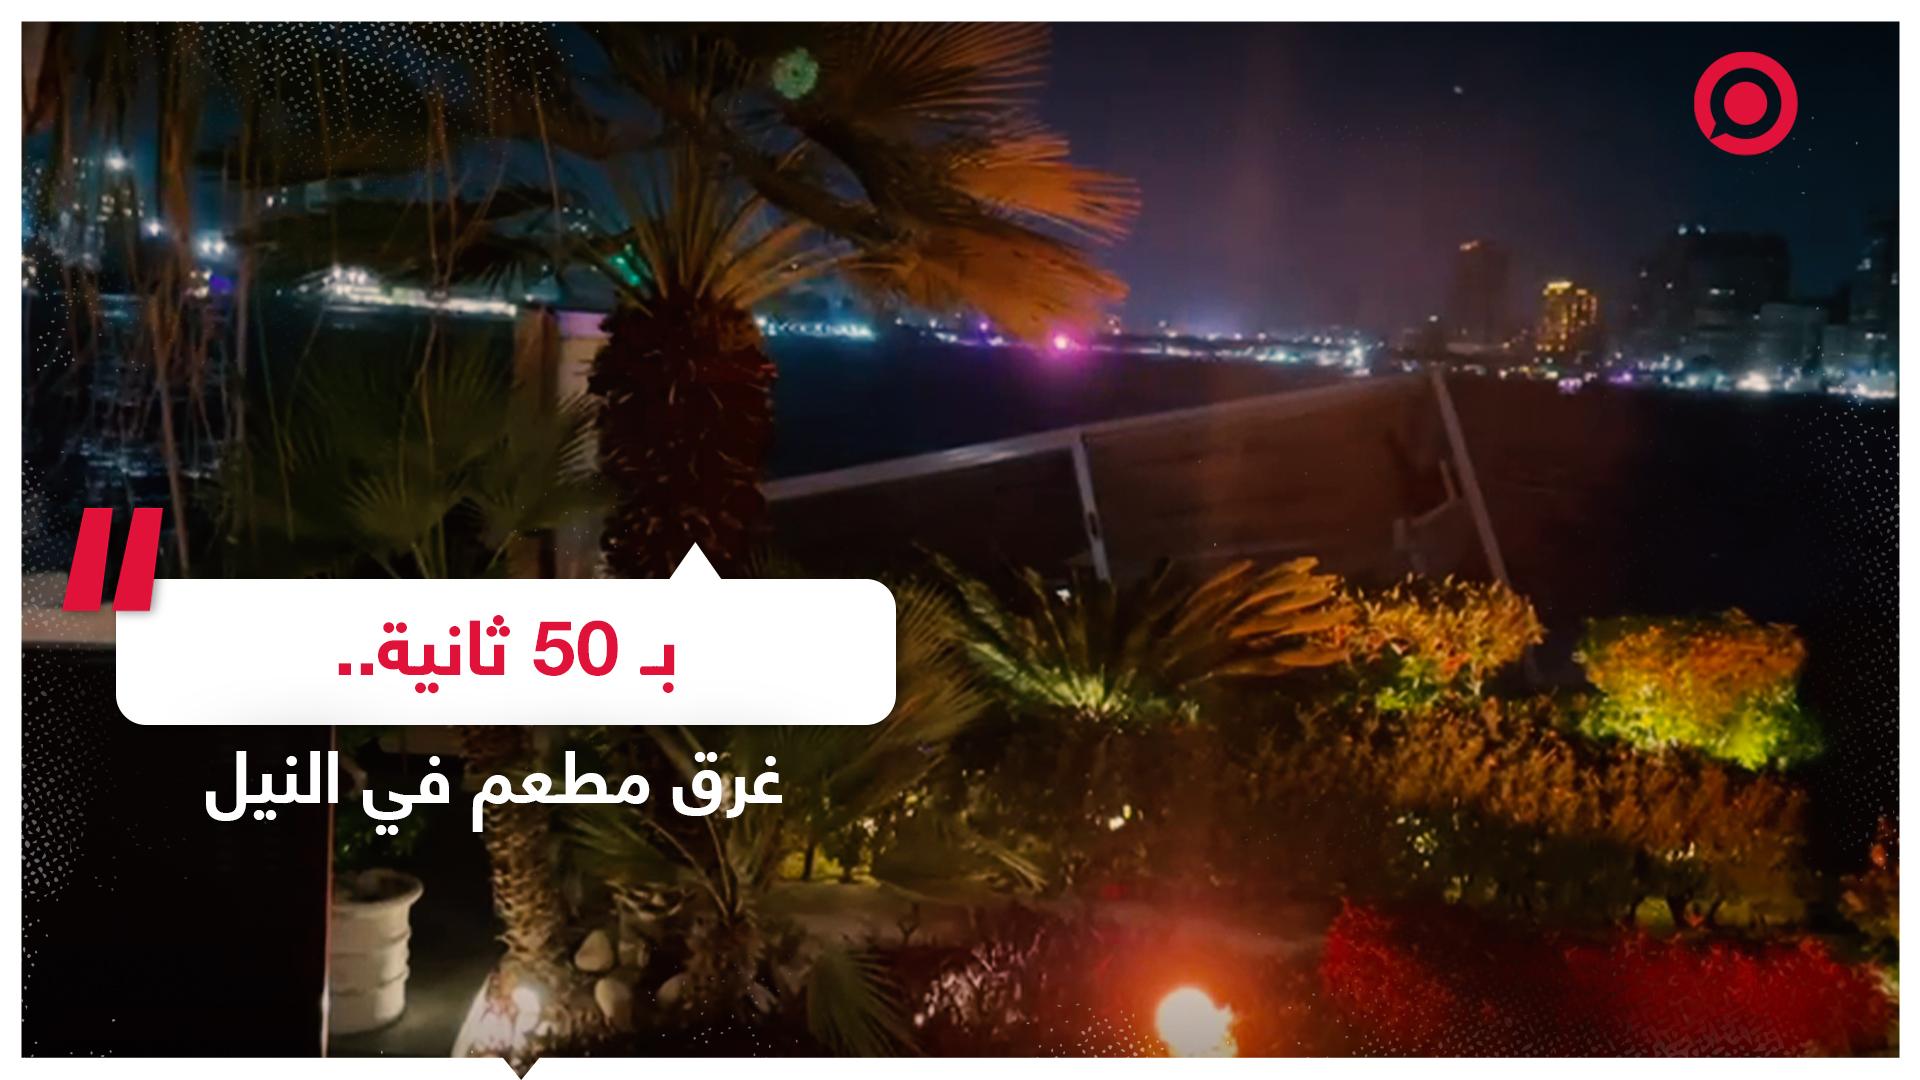 #مصر #النيل #مطعم #غرق